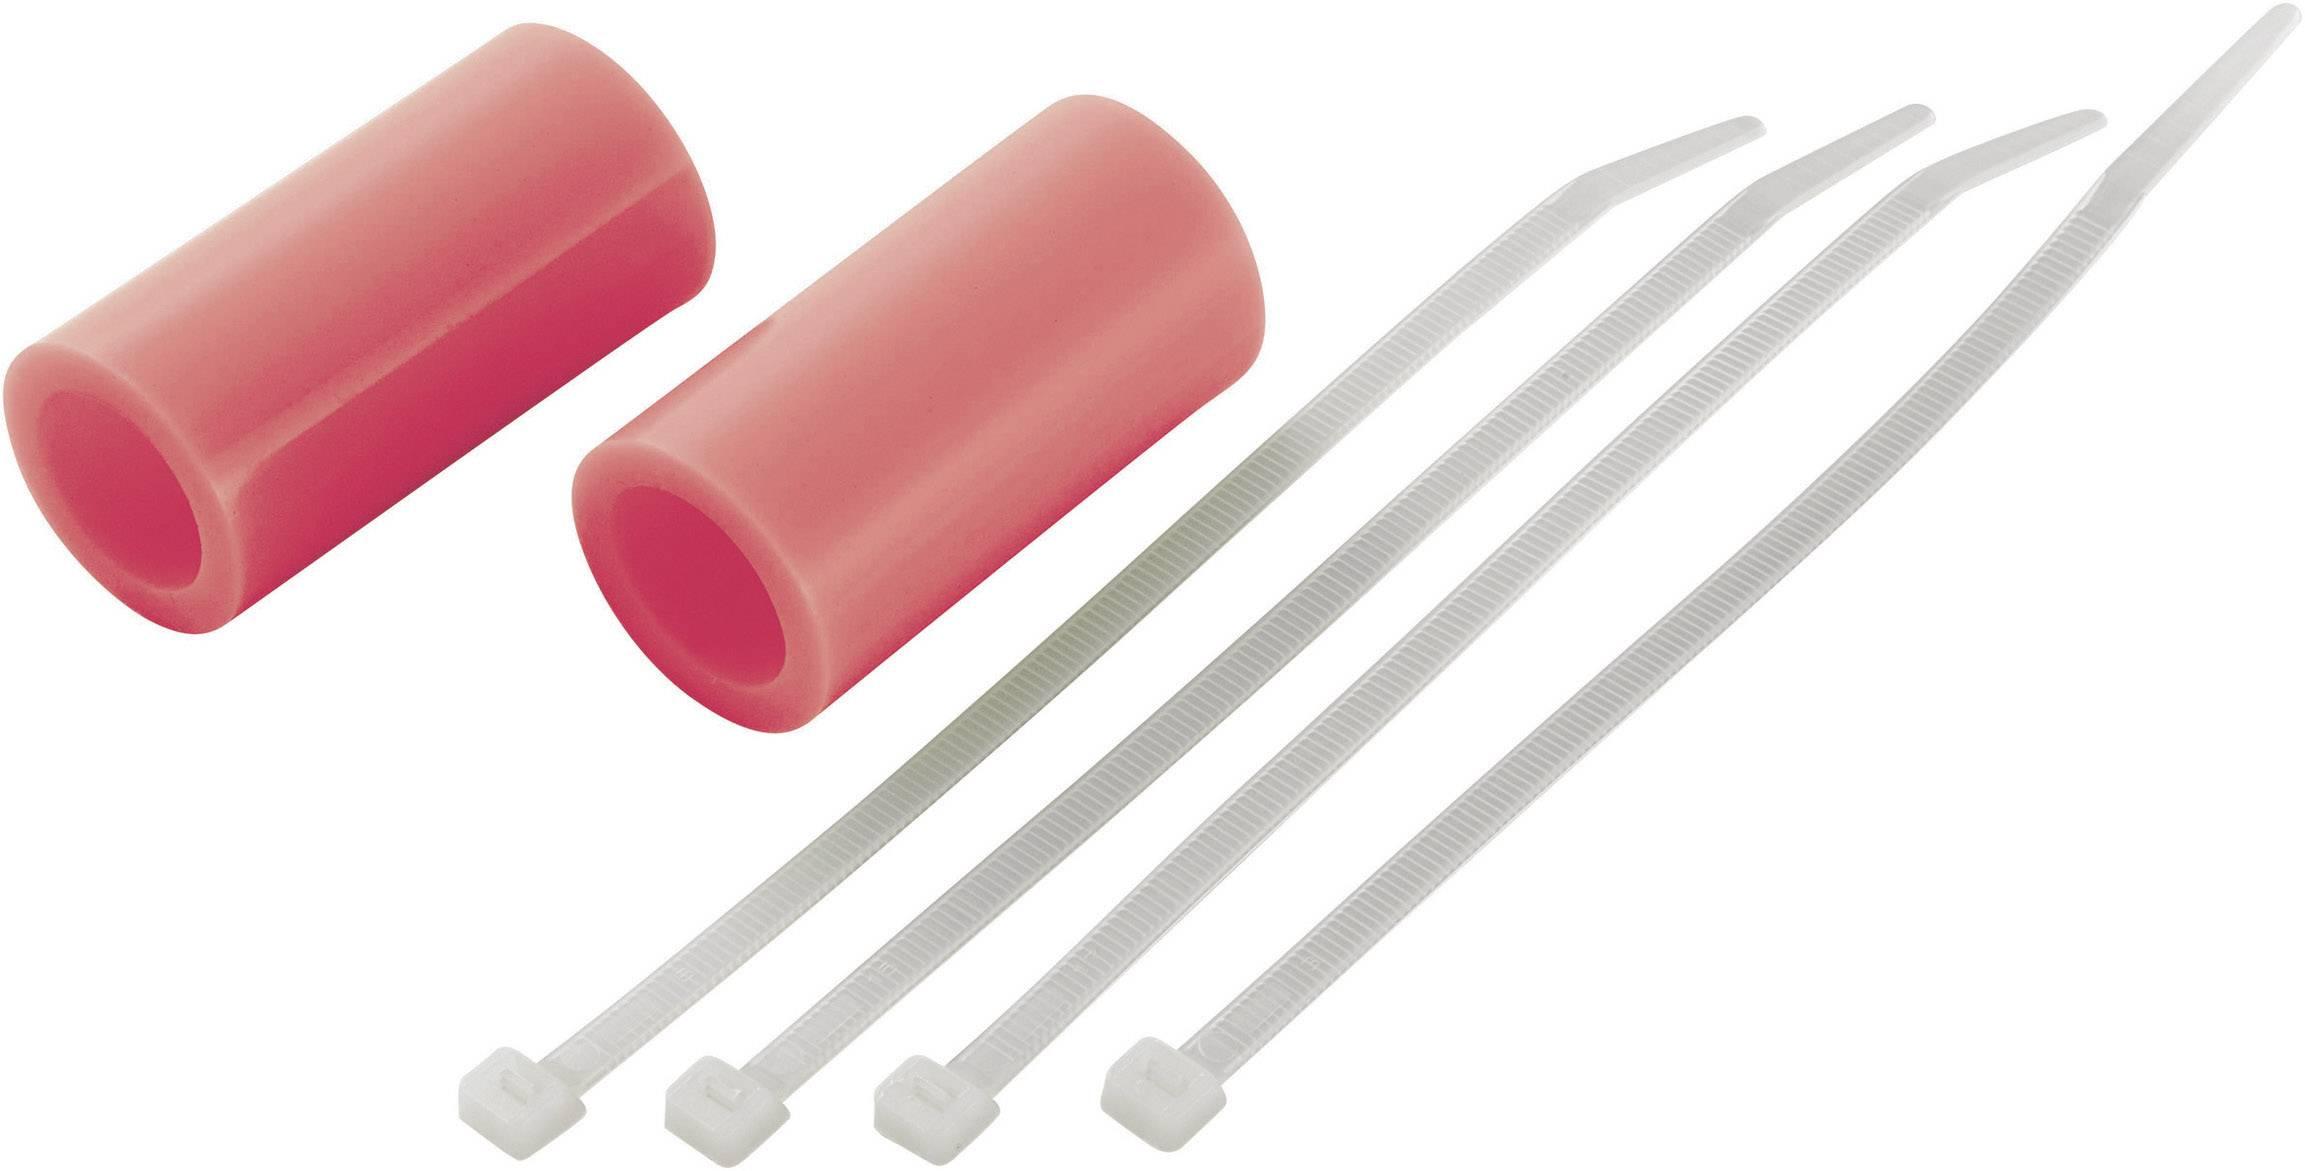 Spojovací hadice výfuku Reely, 55 mm, neonově červená, 1 pár